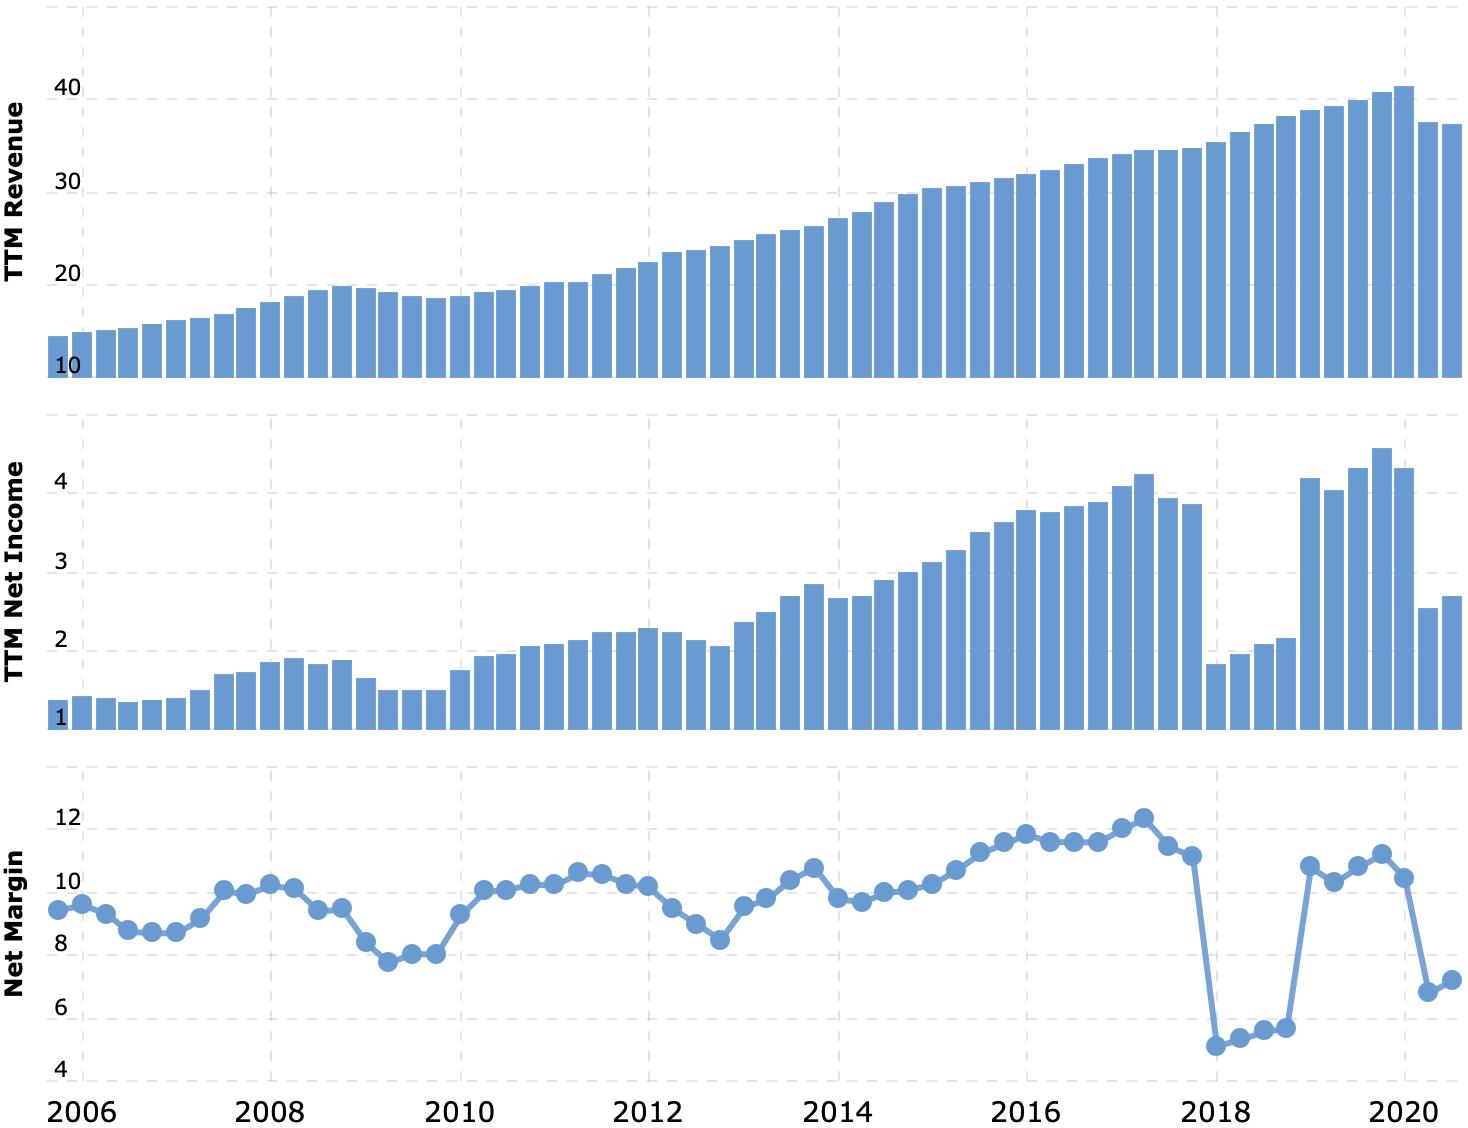 Выручка и прибыль за последние 12 месяцев в миллиардах долларов. Итоговая маржа в процентах от выручки. Источник: Macrotrends